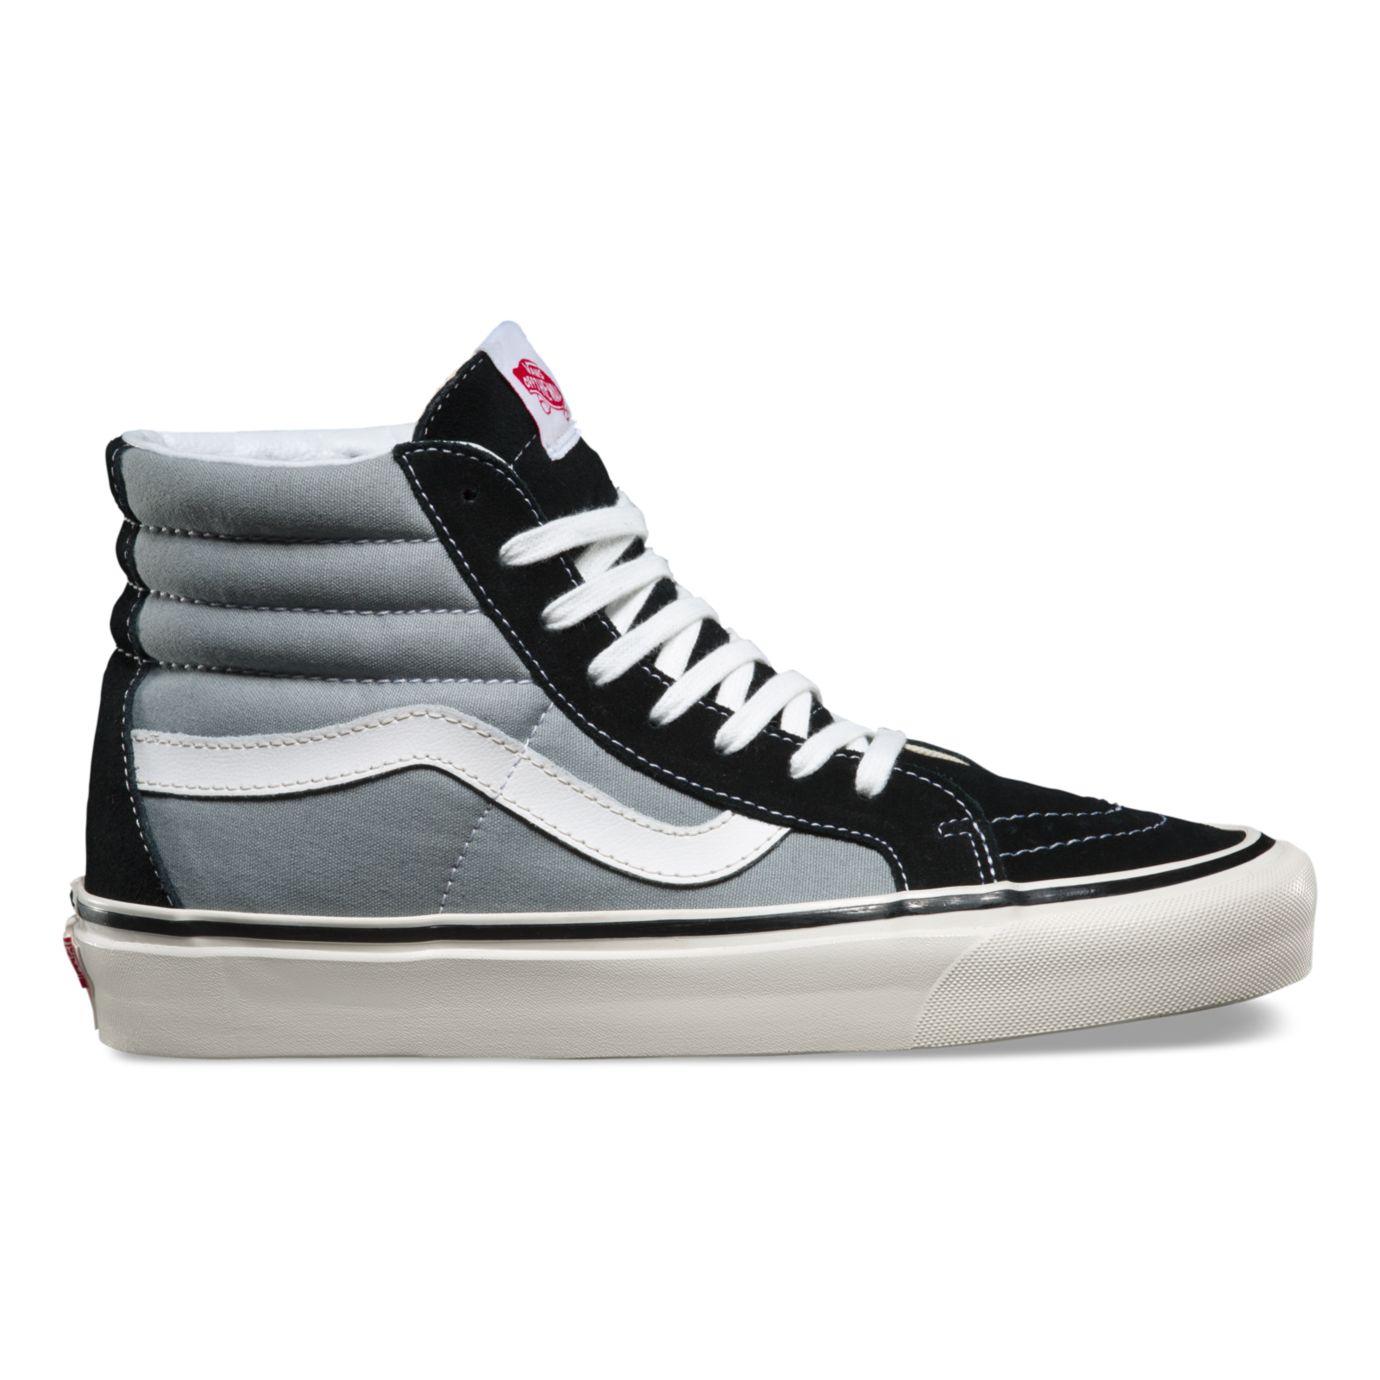 603babaa2b99 Vans Releases Footwear Pack Inspired by Original Anaheim Factory